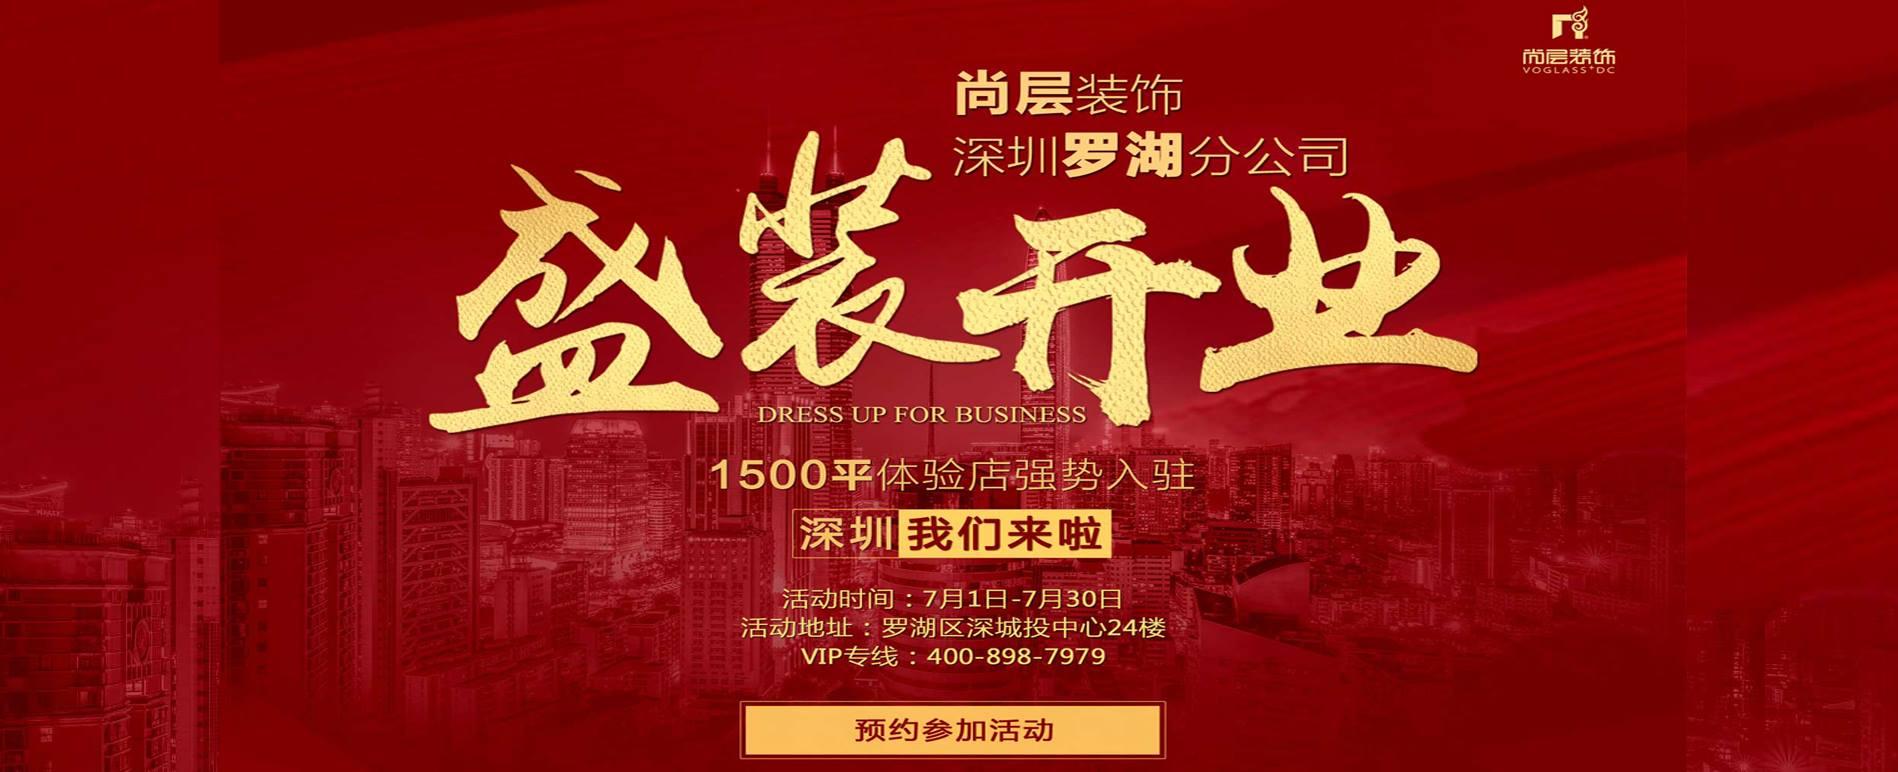 尚层装饰(北京)有限公司深圳罗湖分公司盛装开业